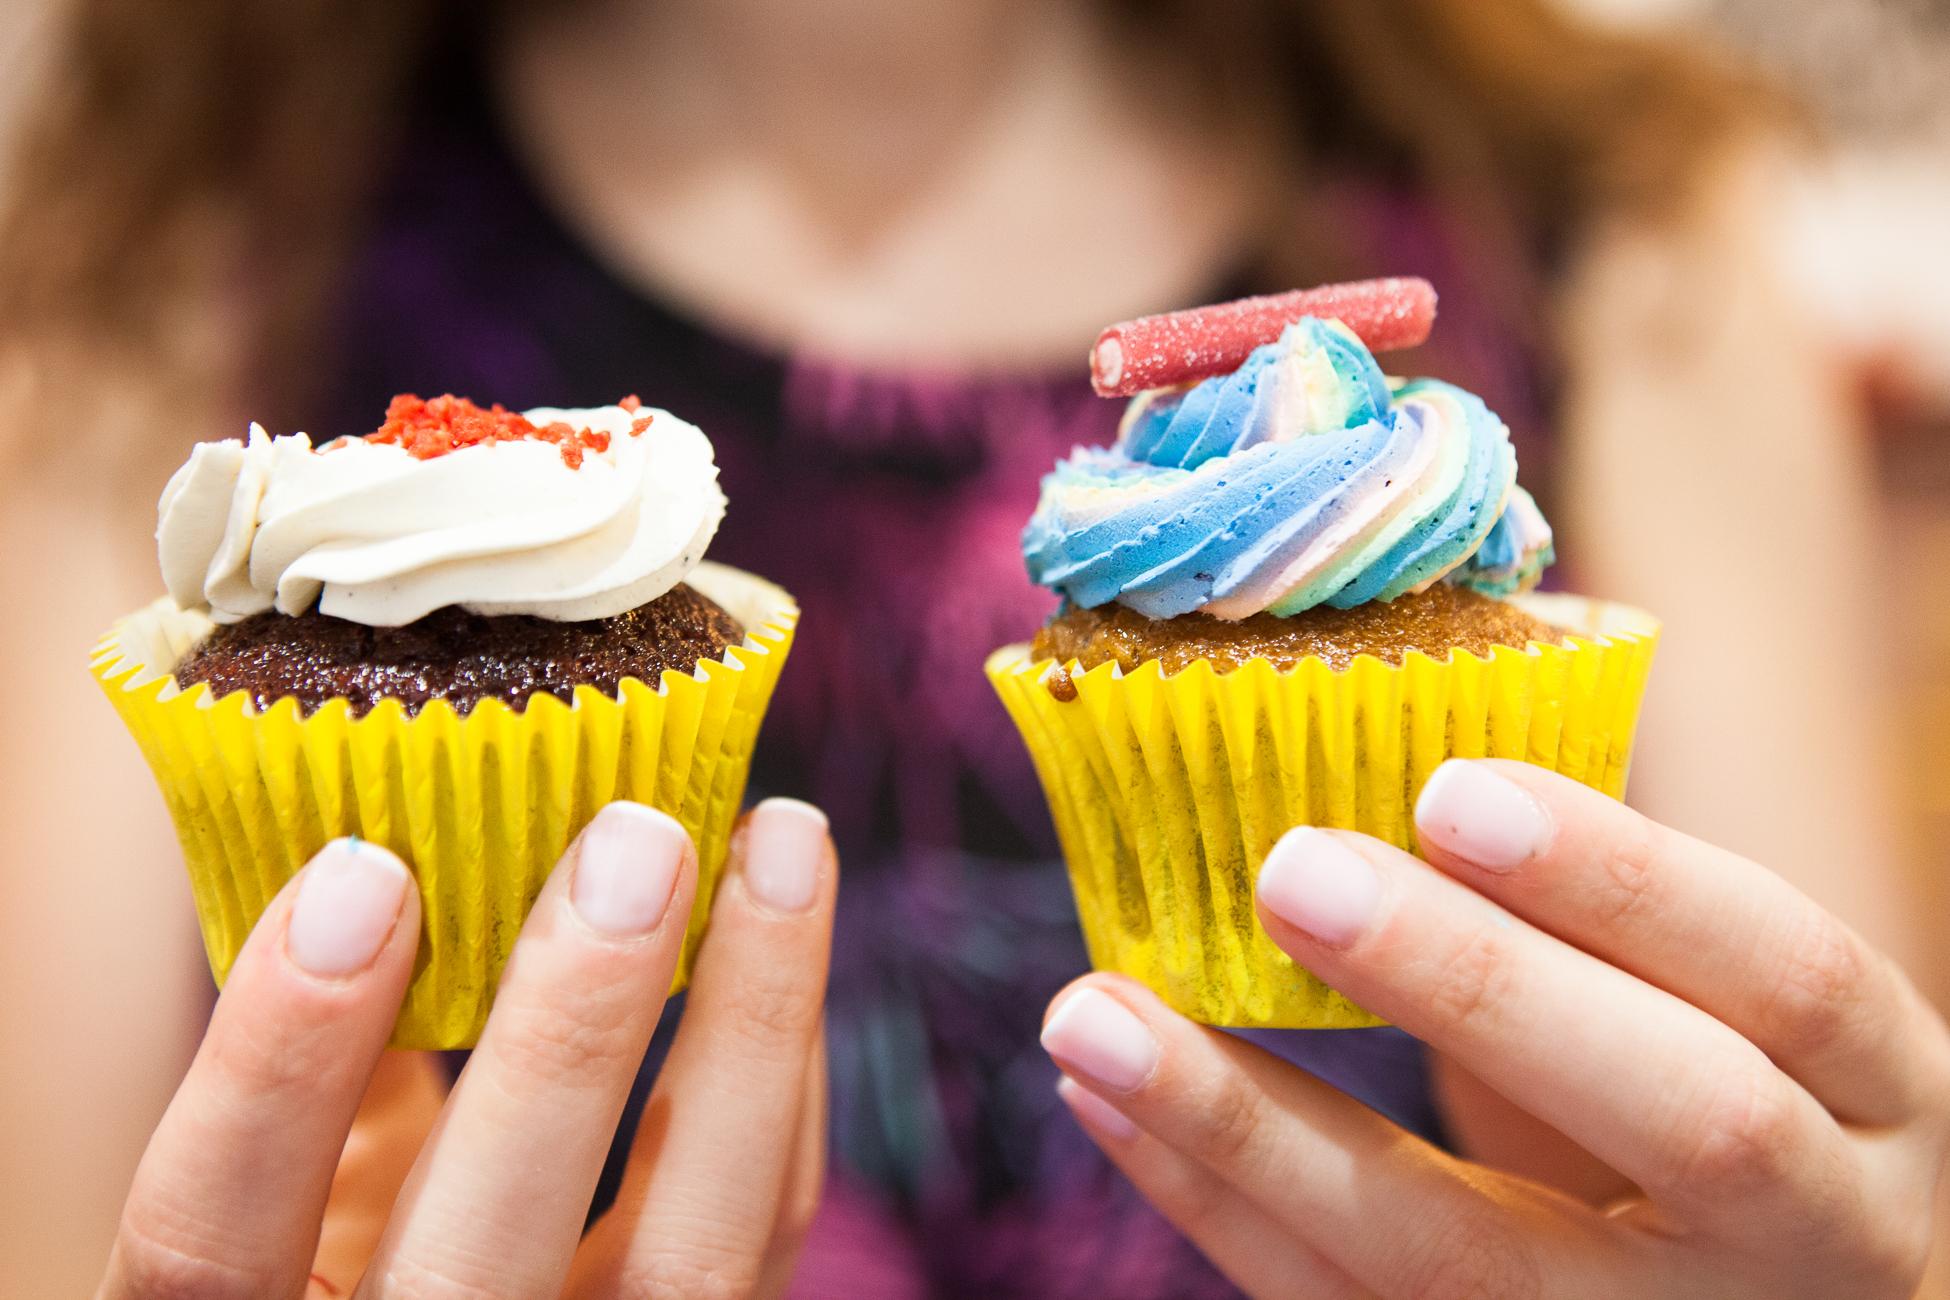 """Los dulces de 'Freedom Cakes' están """"libres de sufrimiento animal"""" y liberaron a su dueña de su anterior trabajo."""